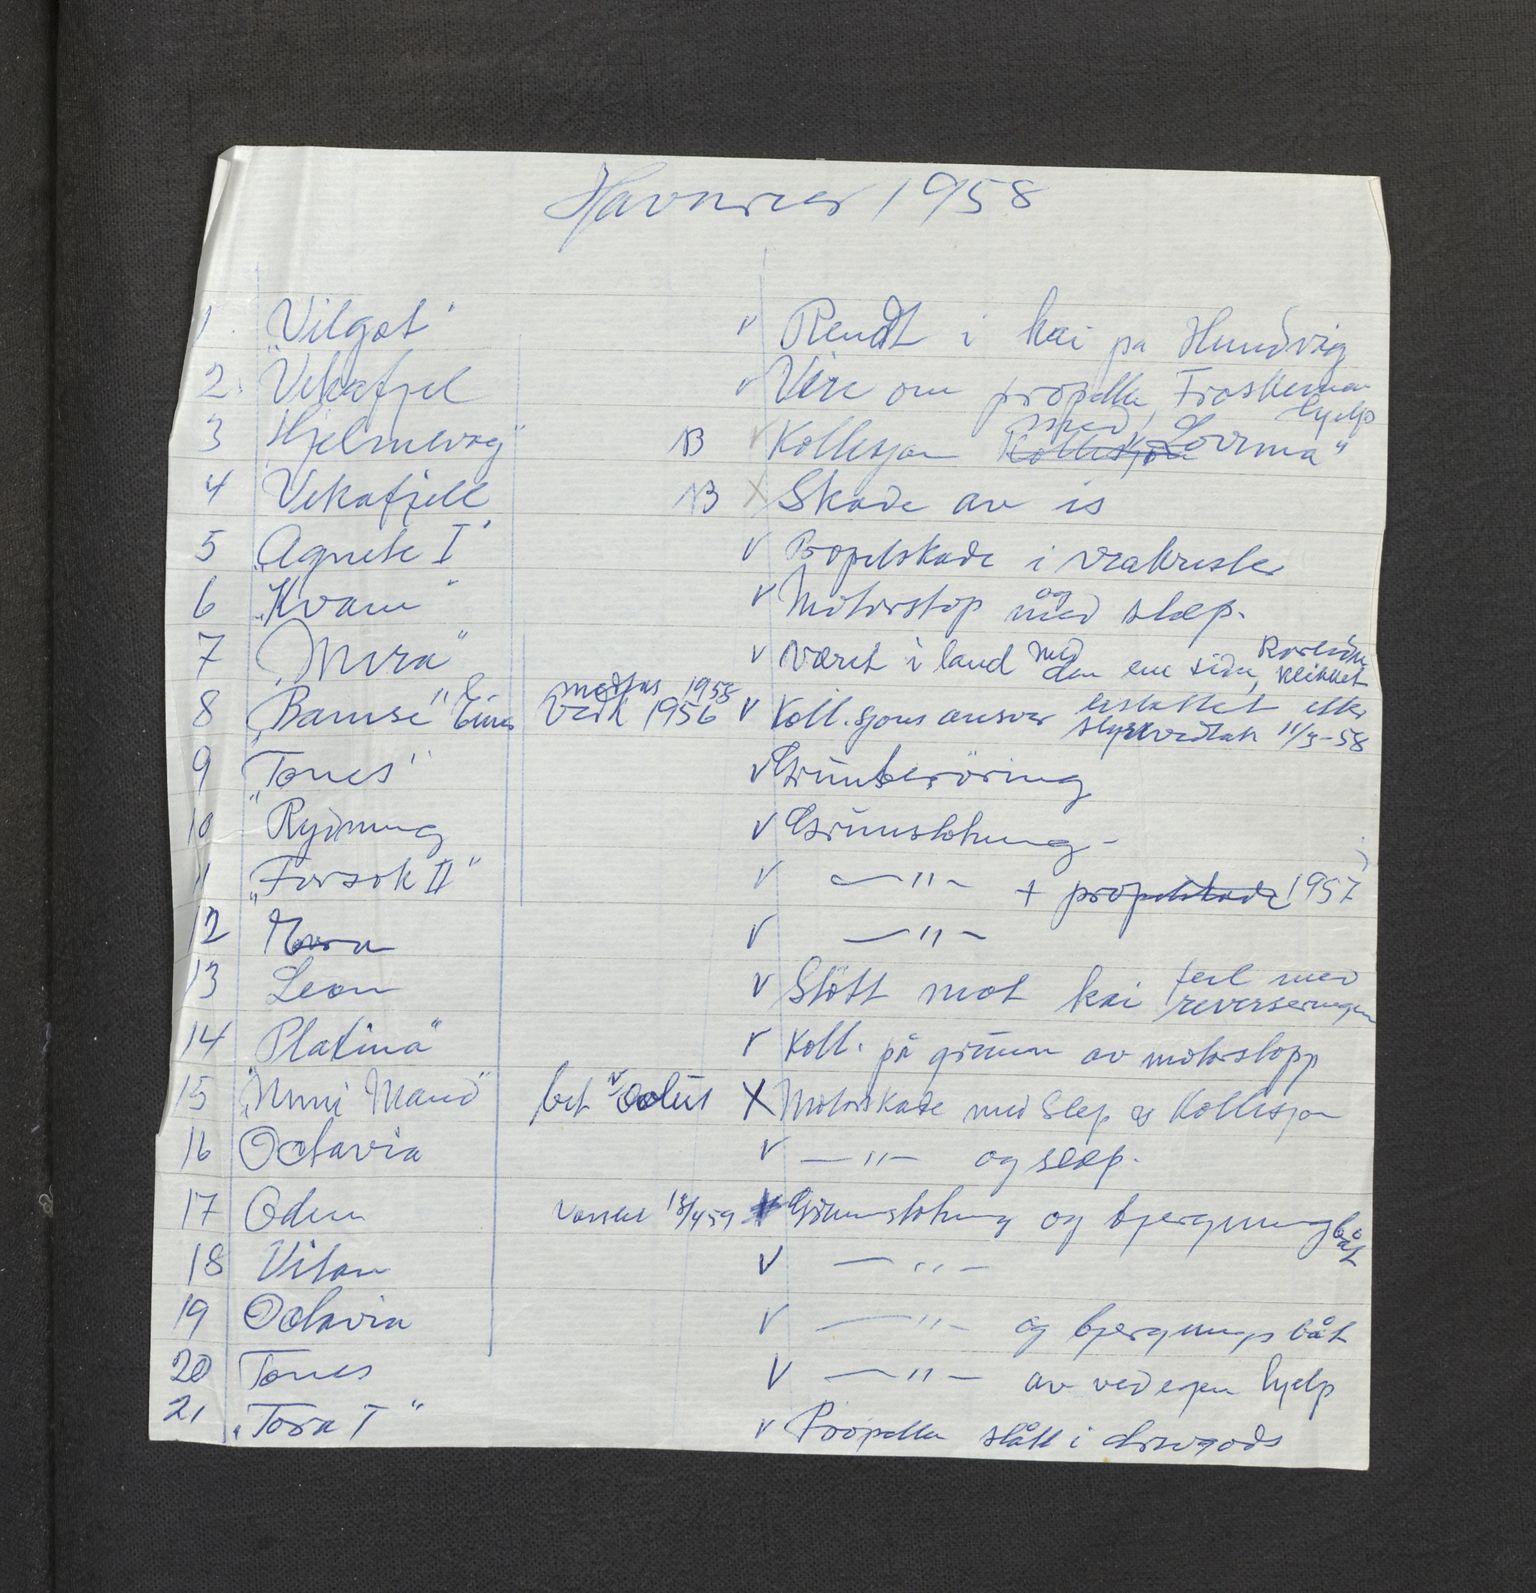 SAB, Jondal Skipsassuranseforening, E/L0016: Havari korrespondanse , 1958-1960